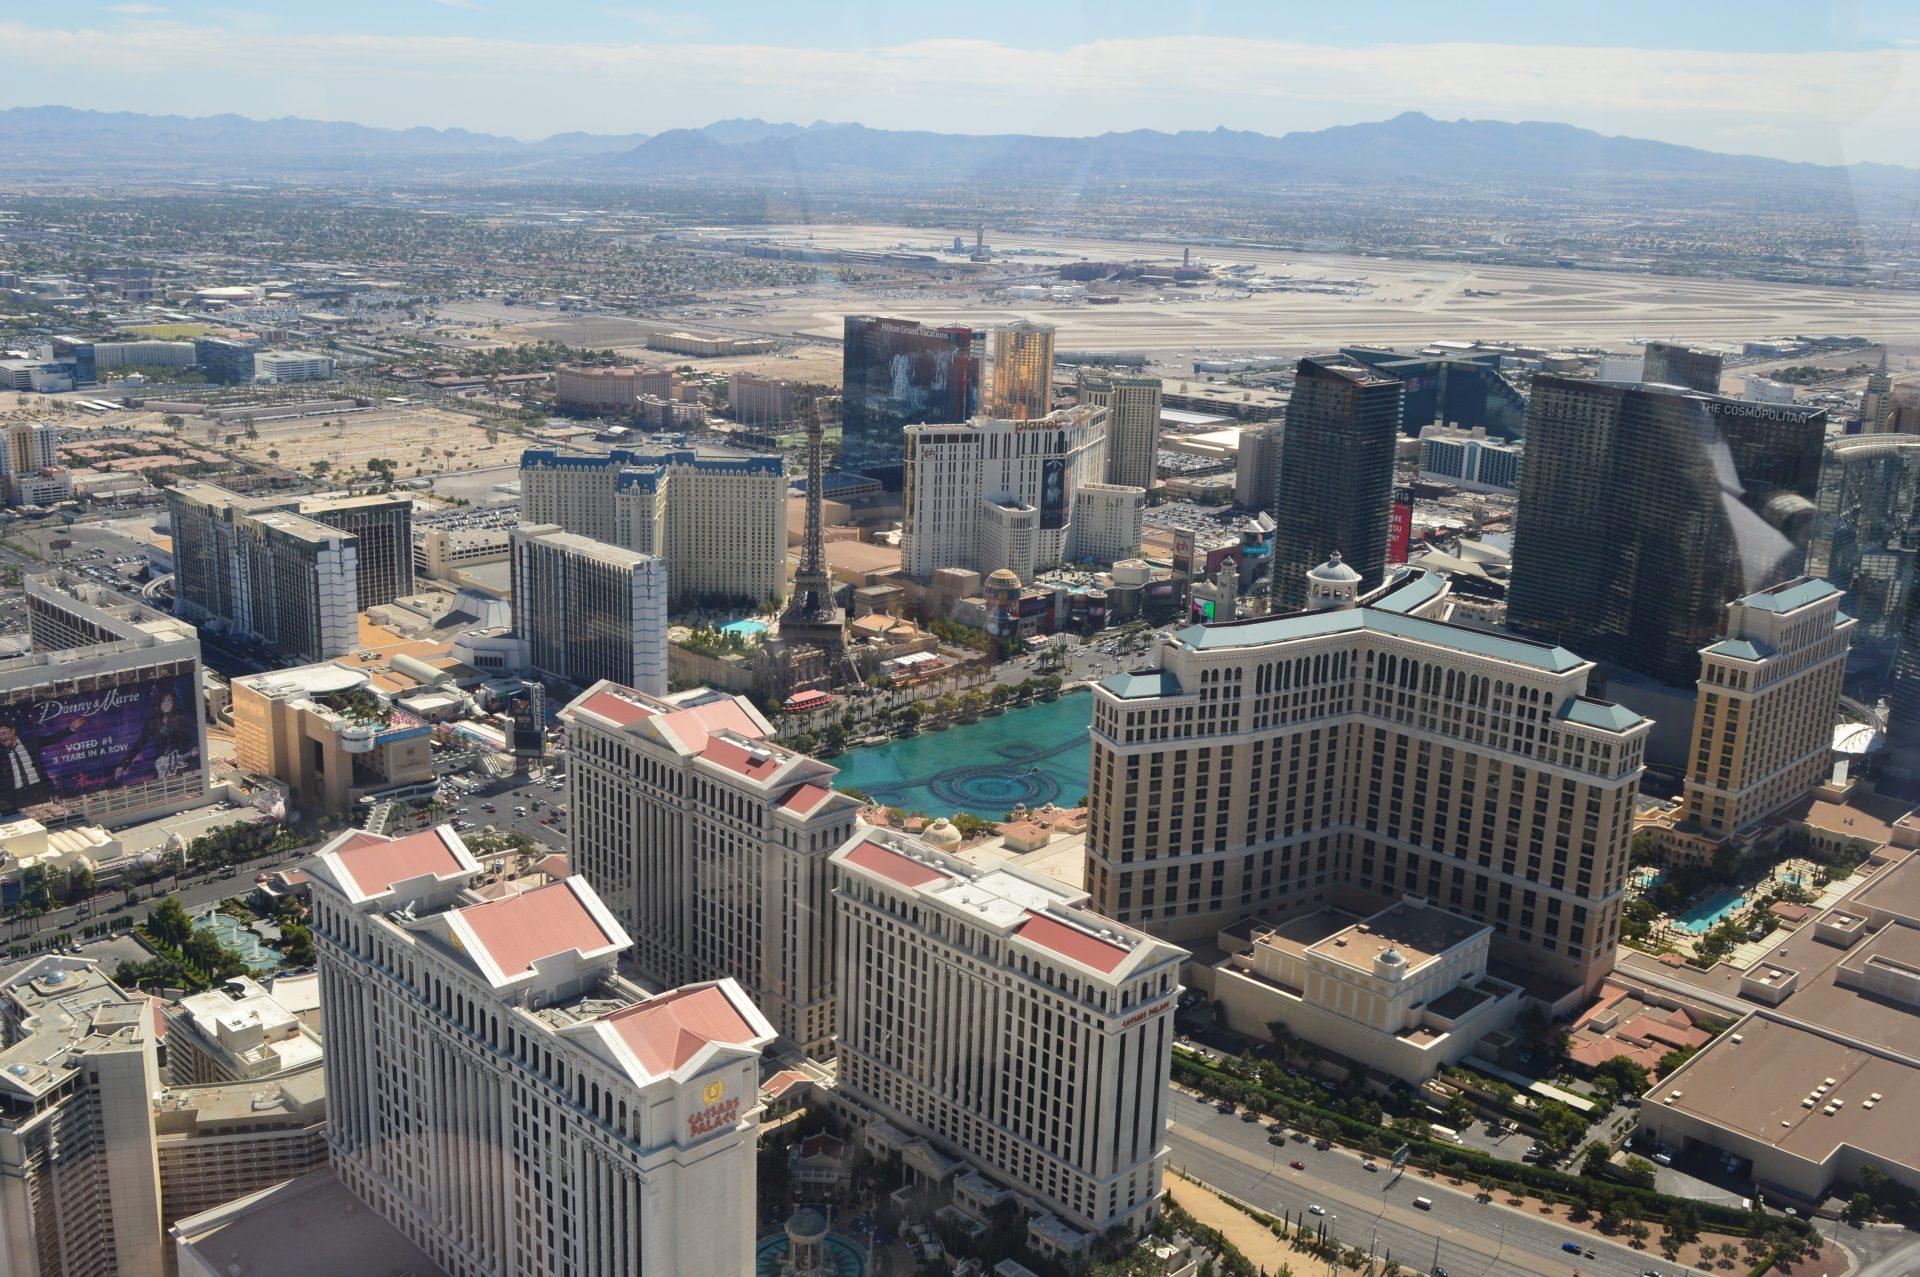 Caesars Palace & The Bellagio Las Vegas